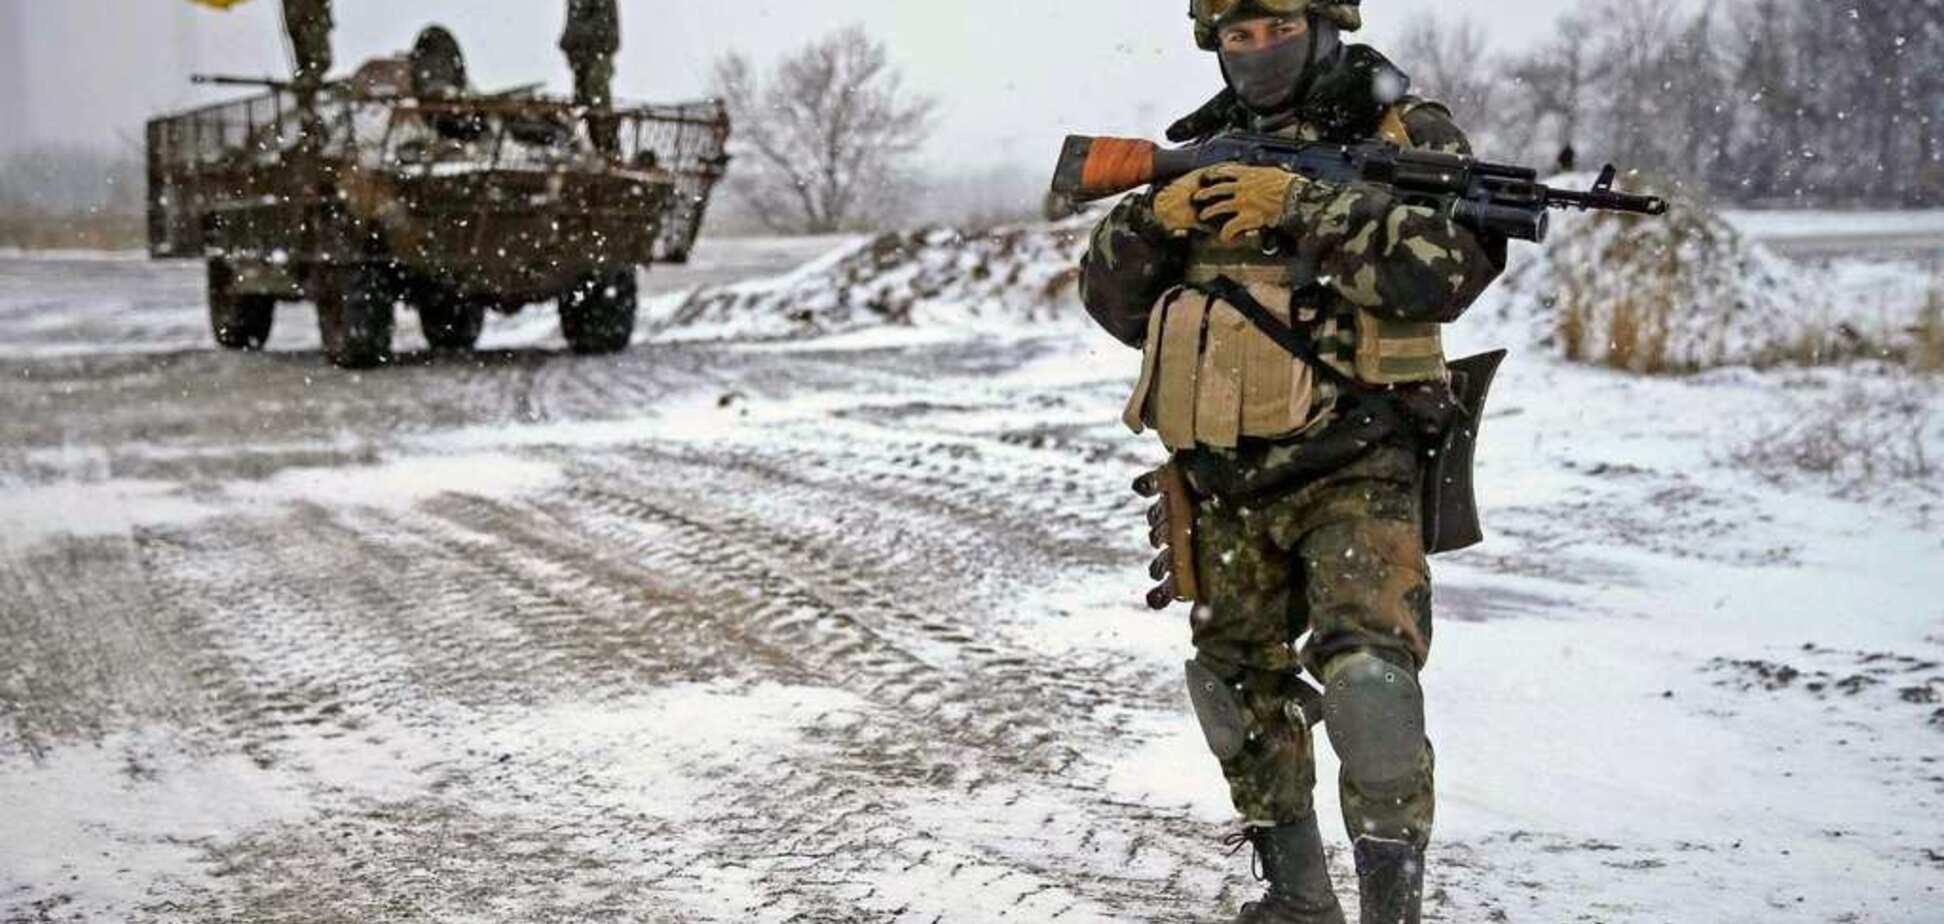 Мінус вісім окупантів: ЗСУ змусили замовкнути терористів Донбасу